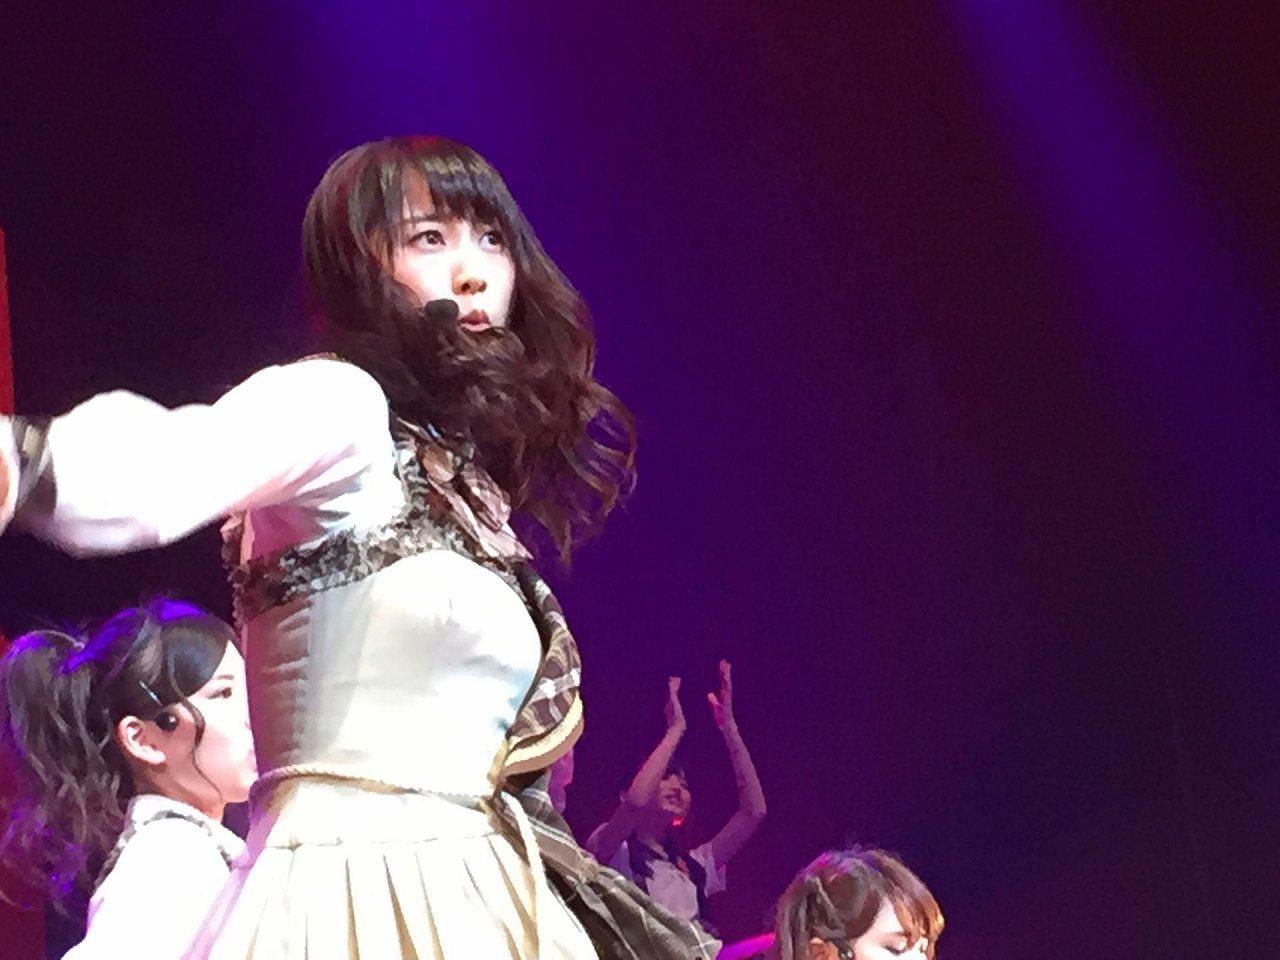 コンサートで歌うSKE48の松井玲奈の乳首ぽち